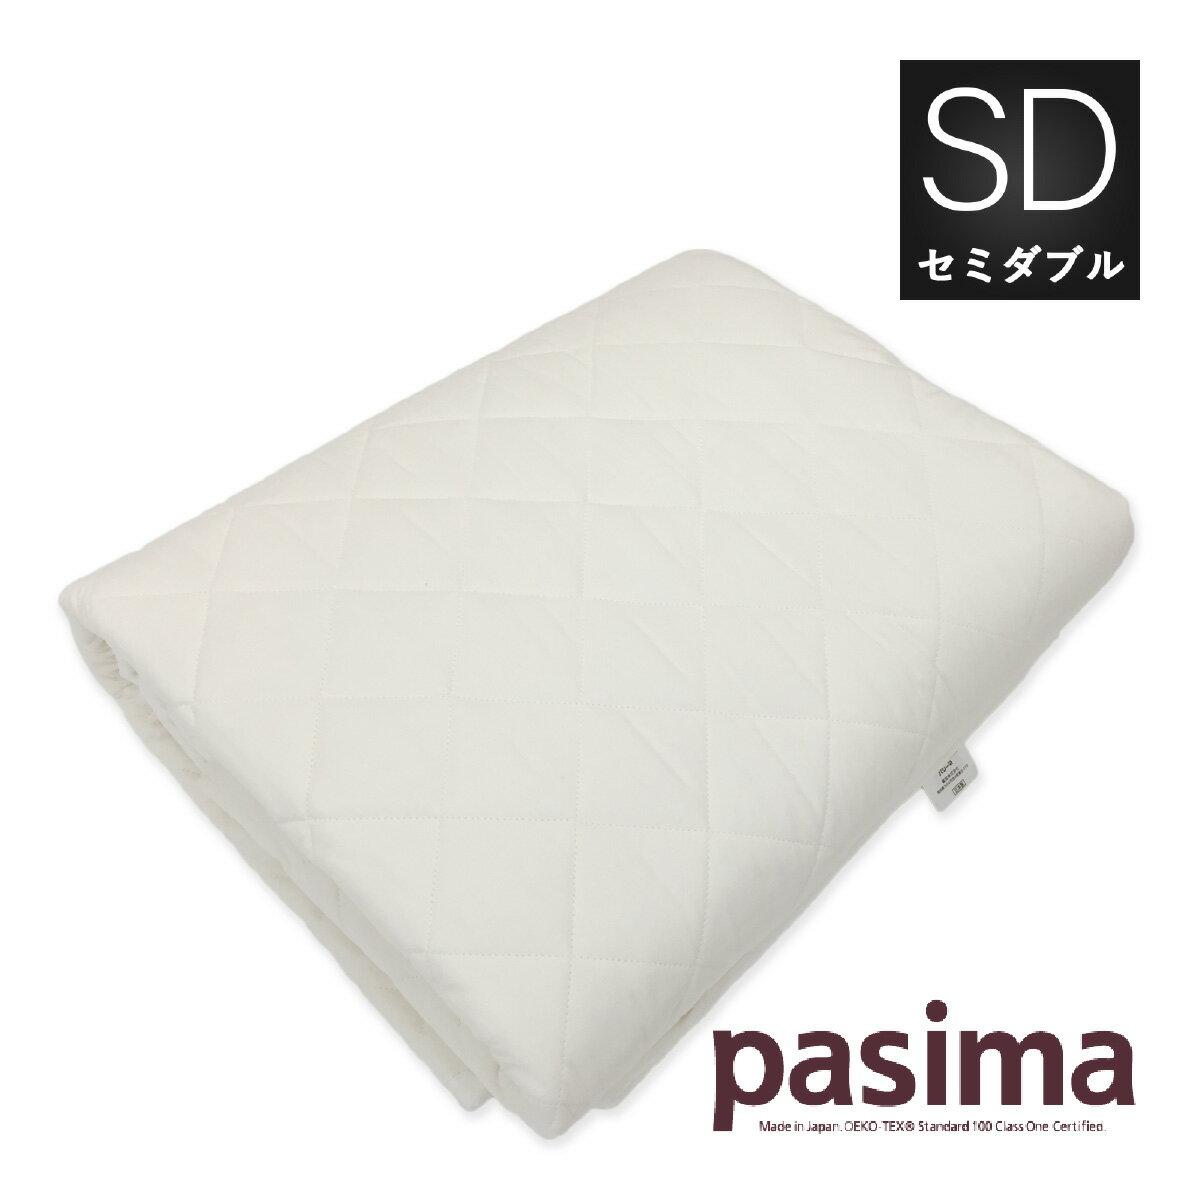 パシーマ パットシーツ敷きパッドタイプ シーツきなり セミダブルロング 133×210cm